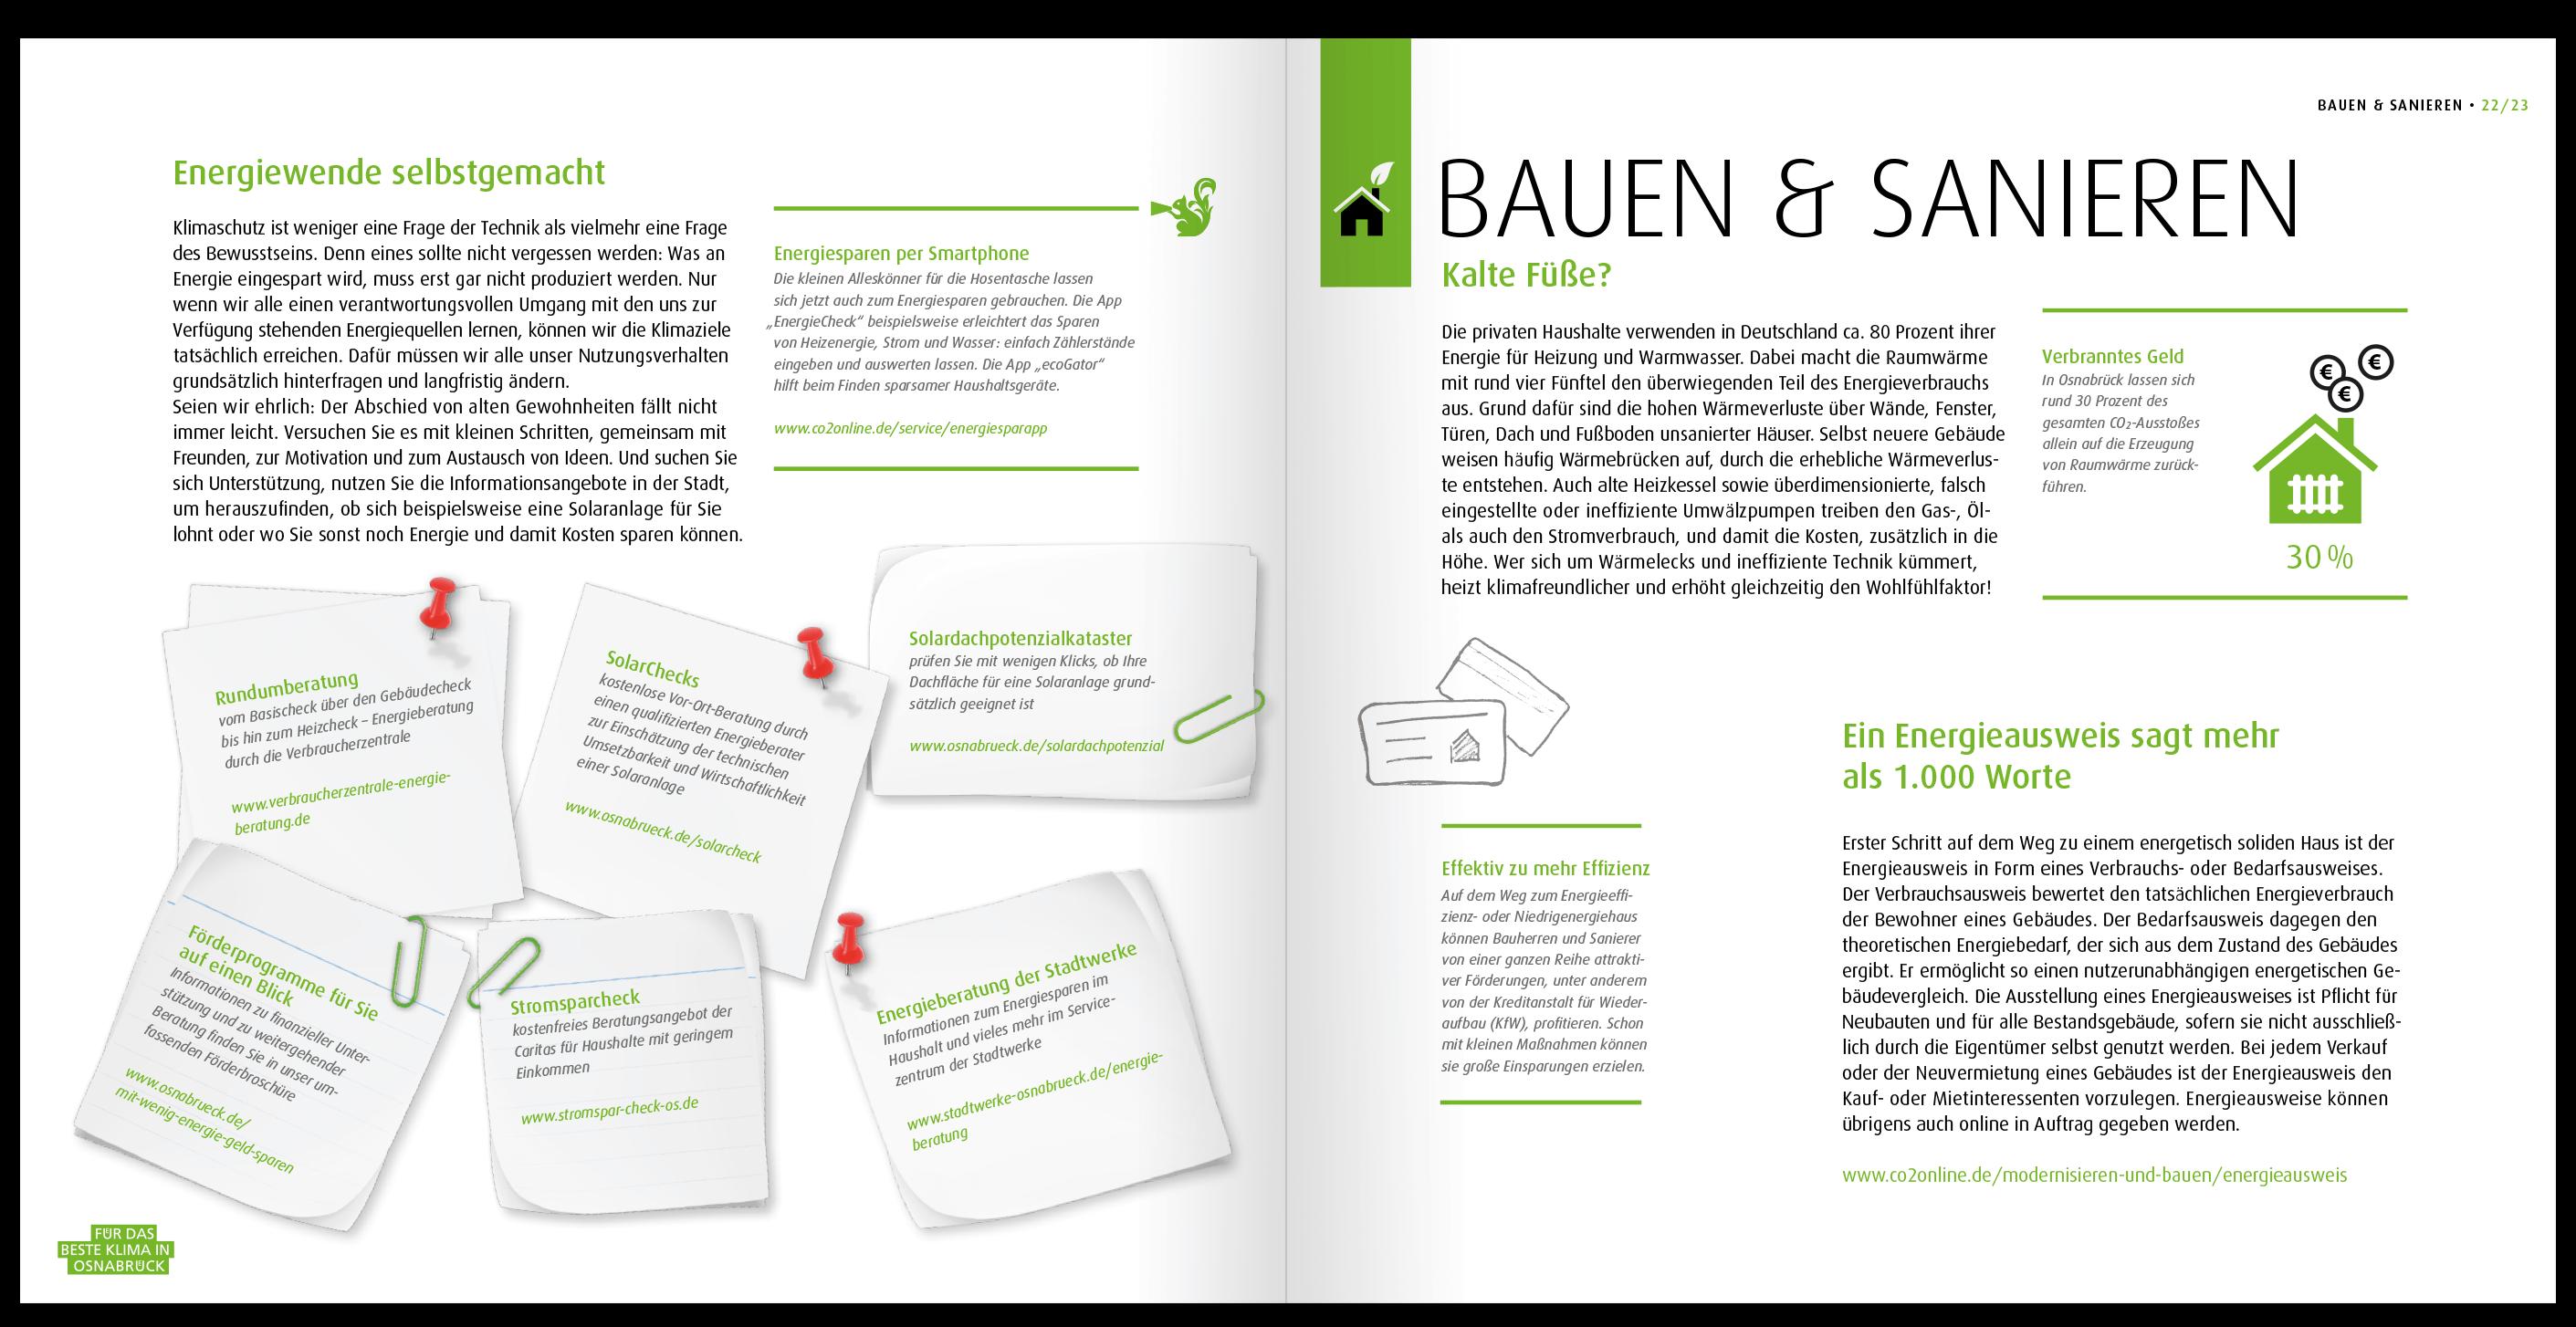 Die Broschüre gibt Infos über ein nachhaltiges Bauen und Sanieren